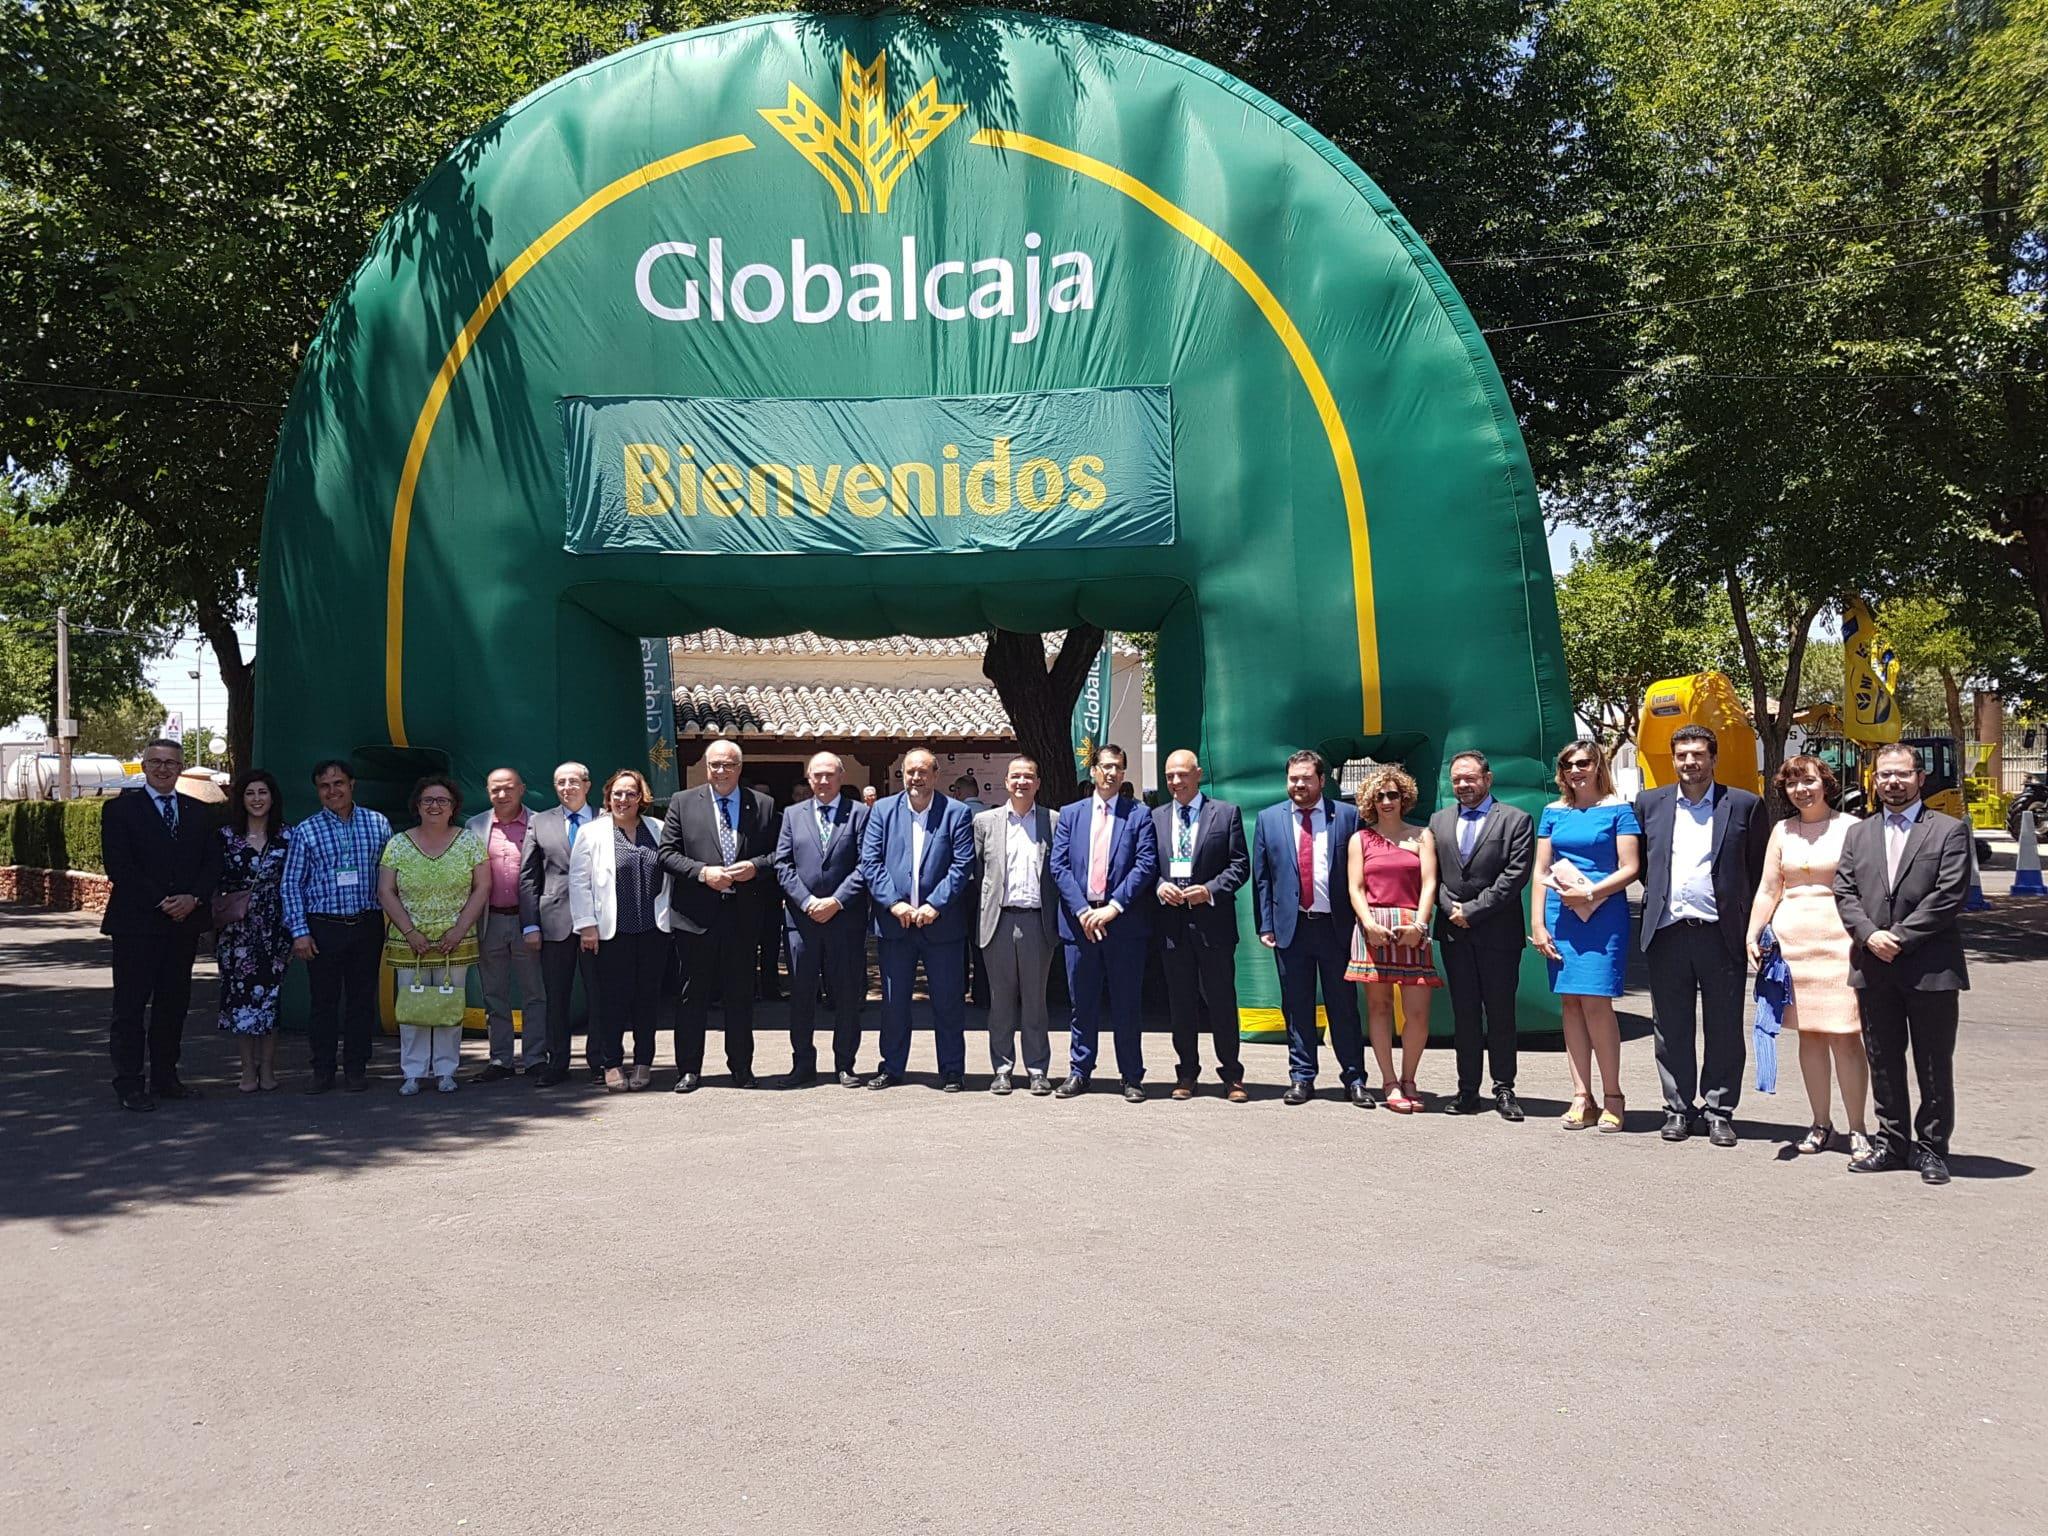 https://blog.globalcaja.es/wp-content/uploads/2018/07/20180704_140001.jpg